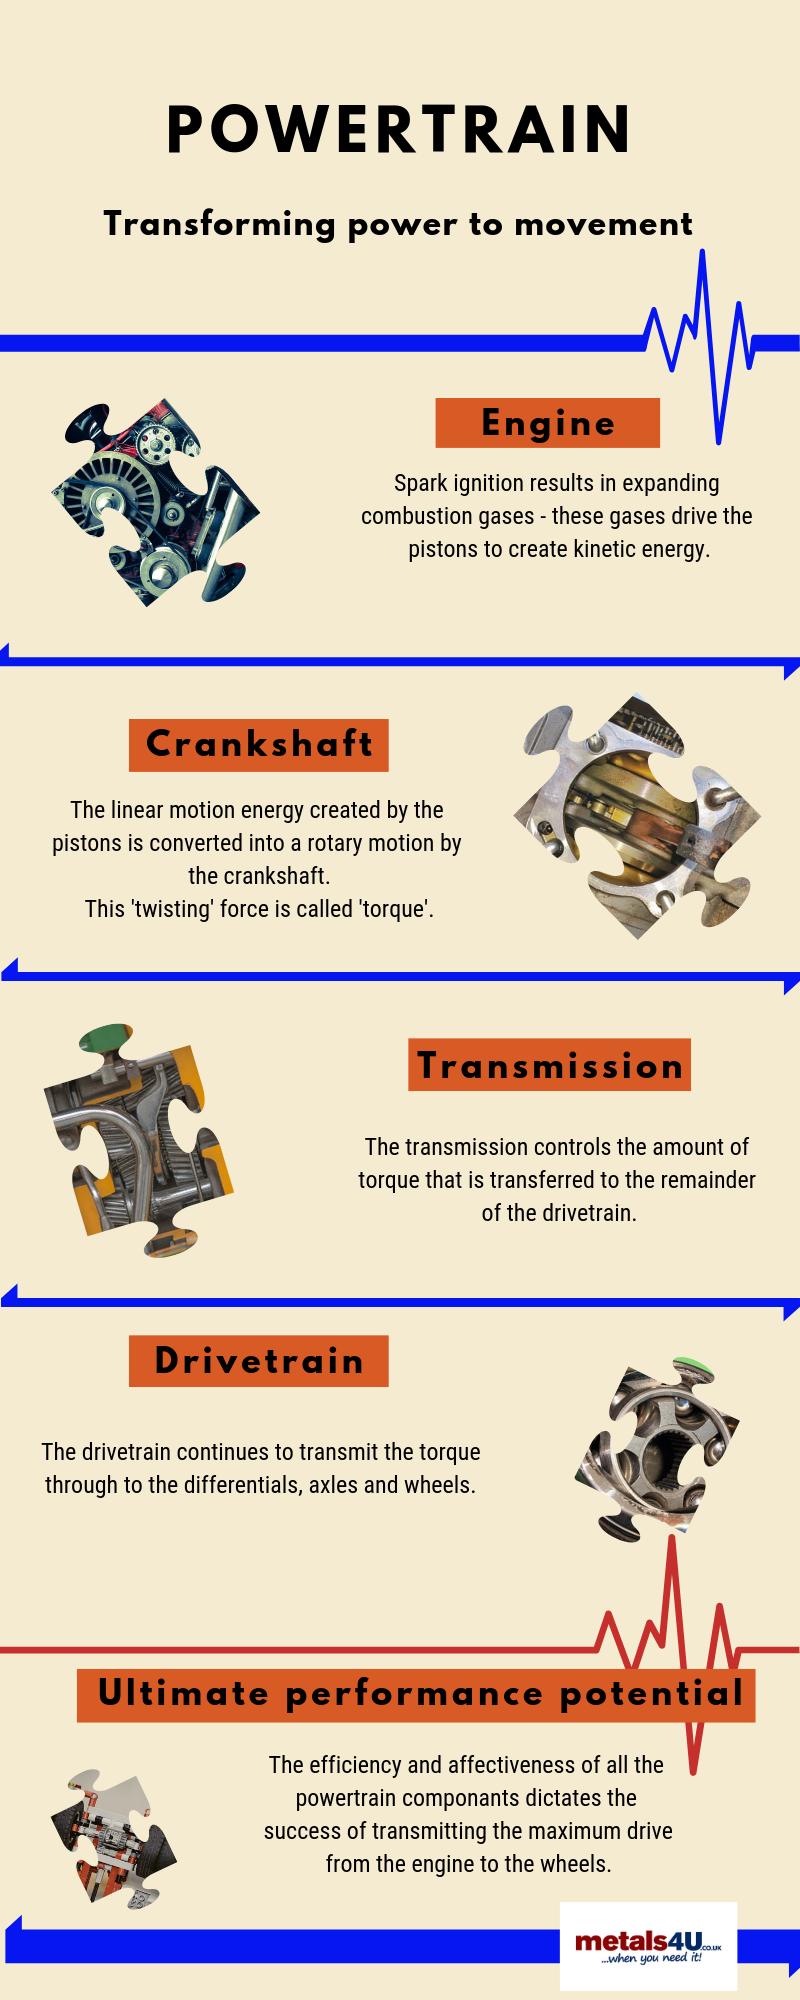 powertrain infographic metals4U